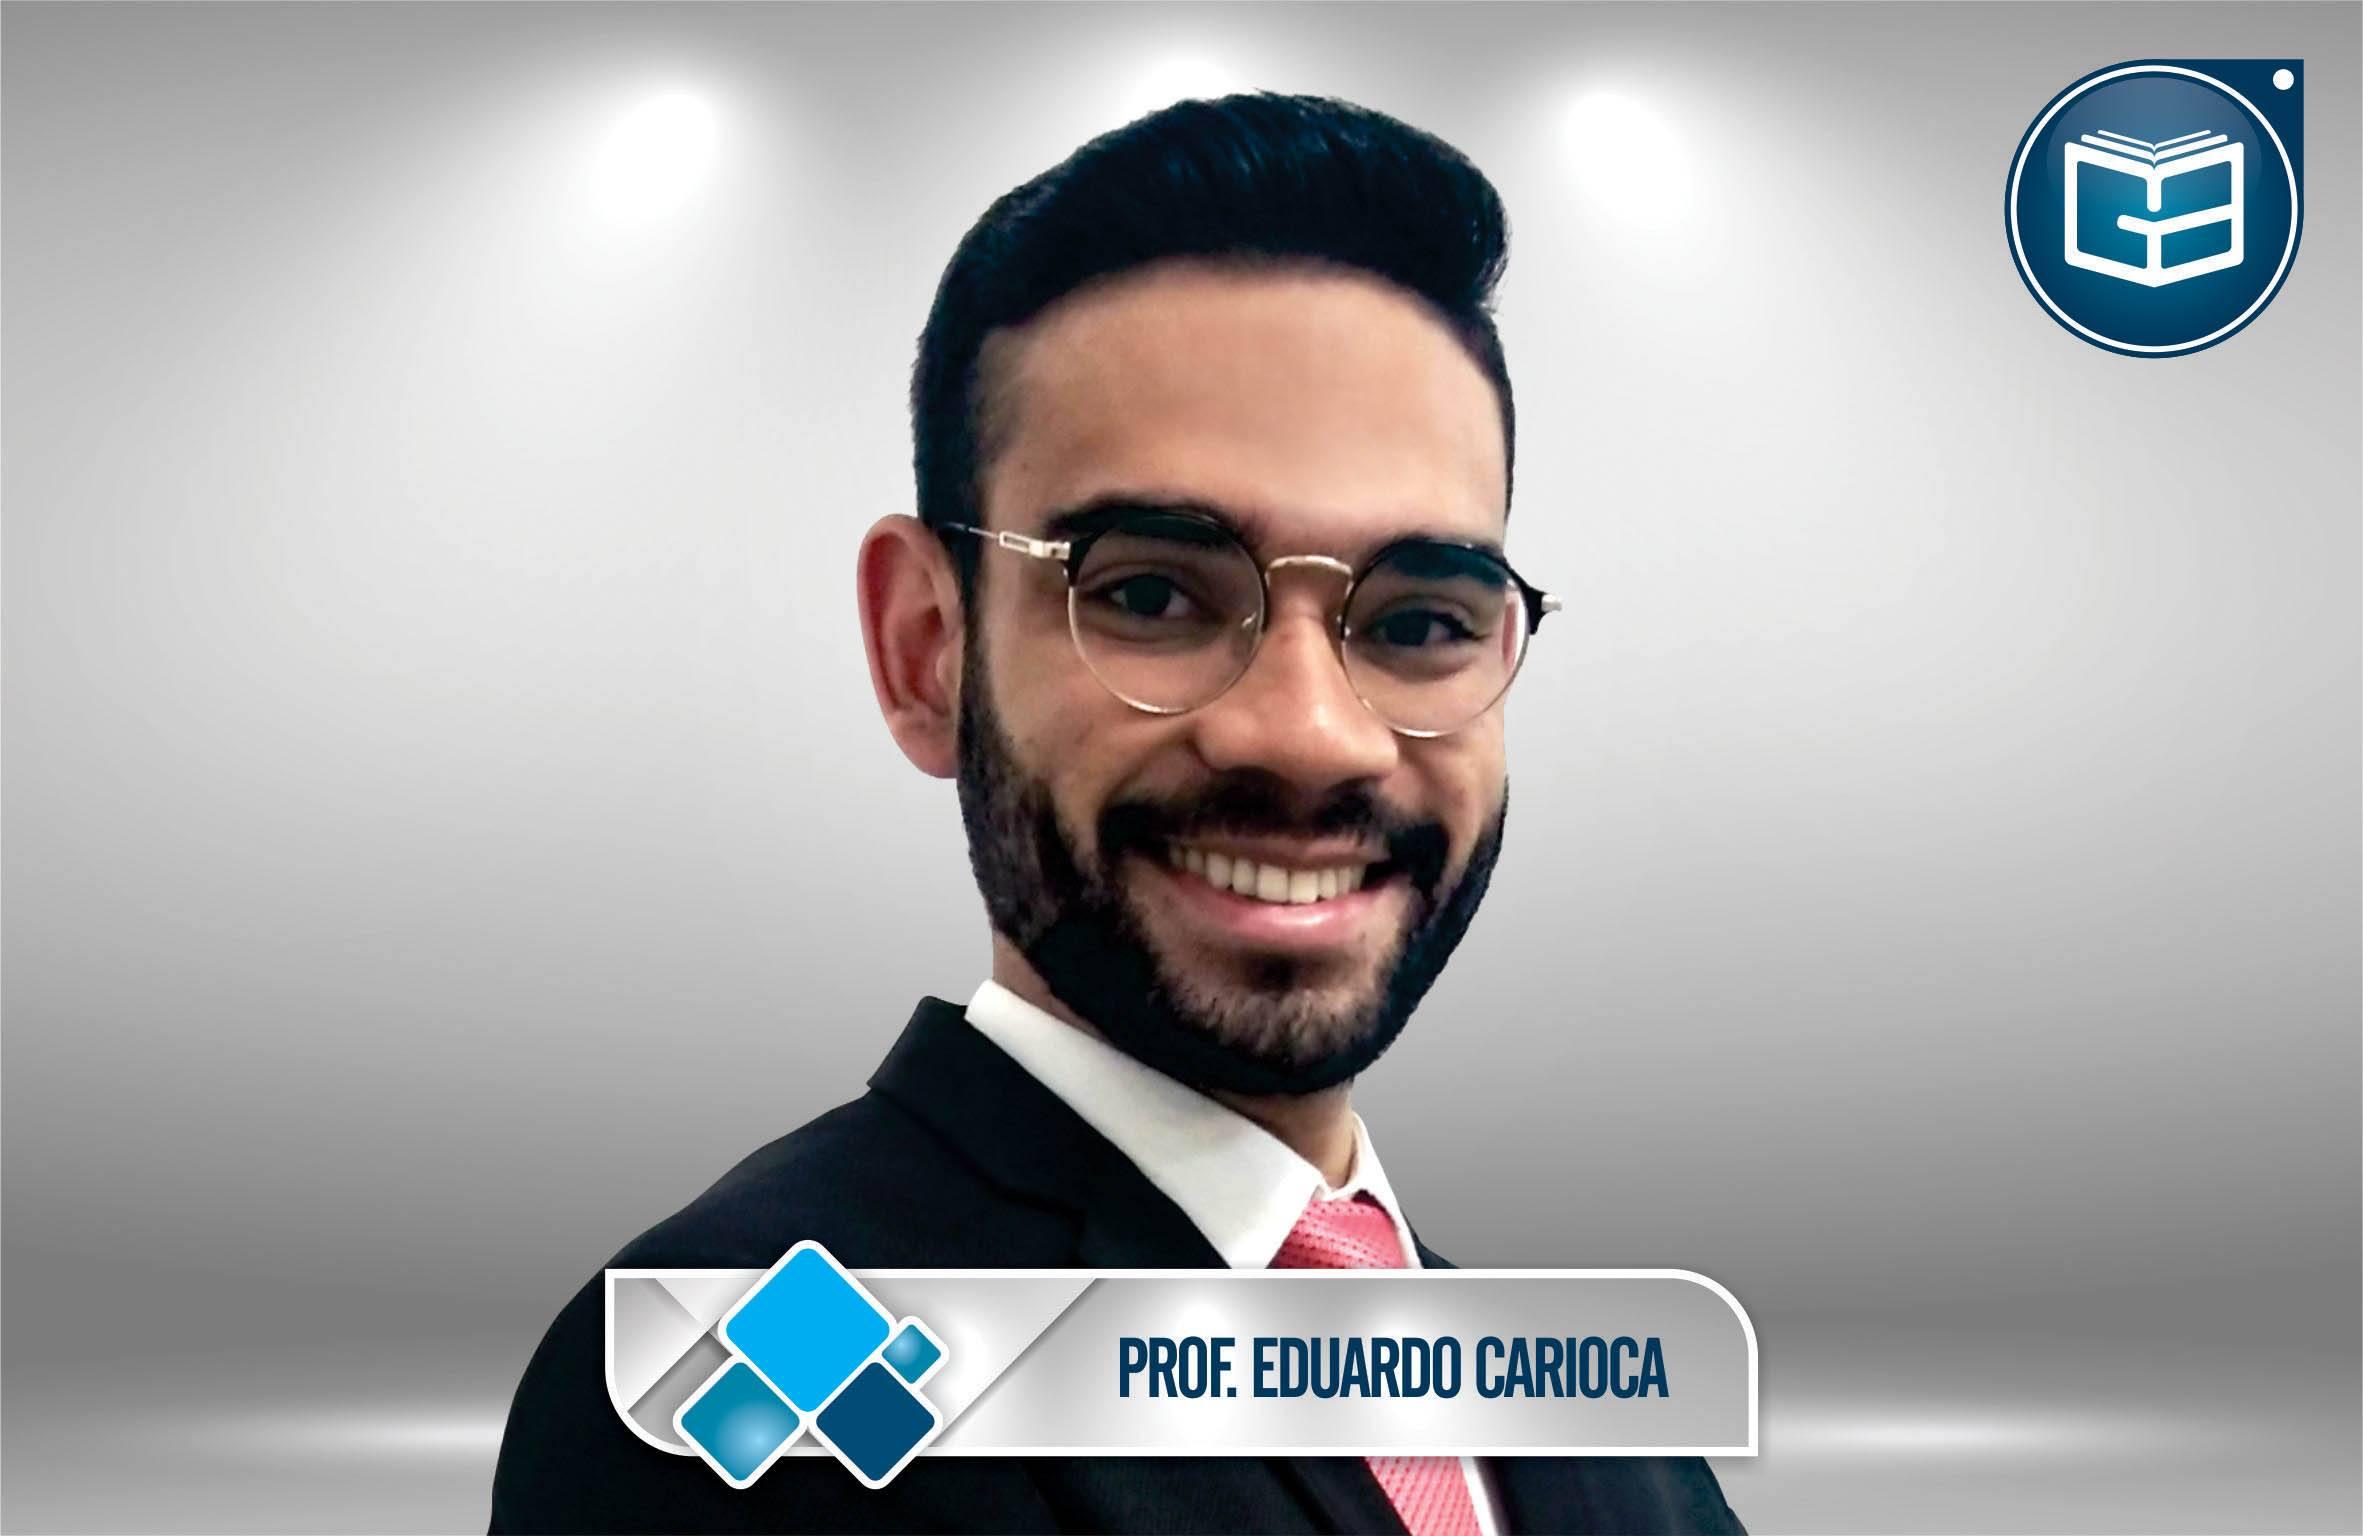 Eduardo Carioca